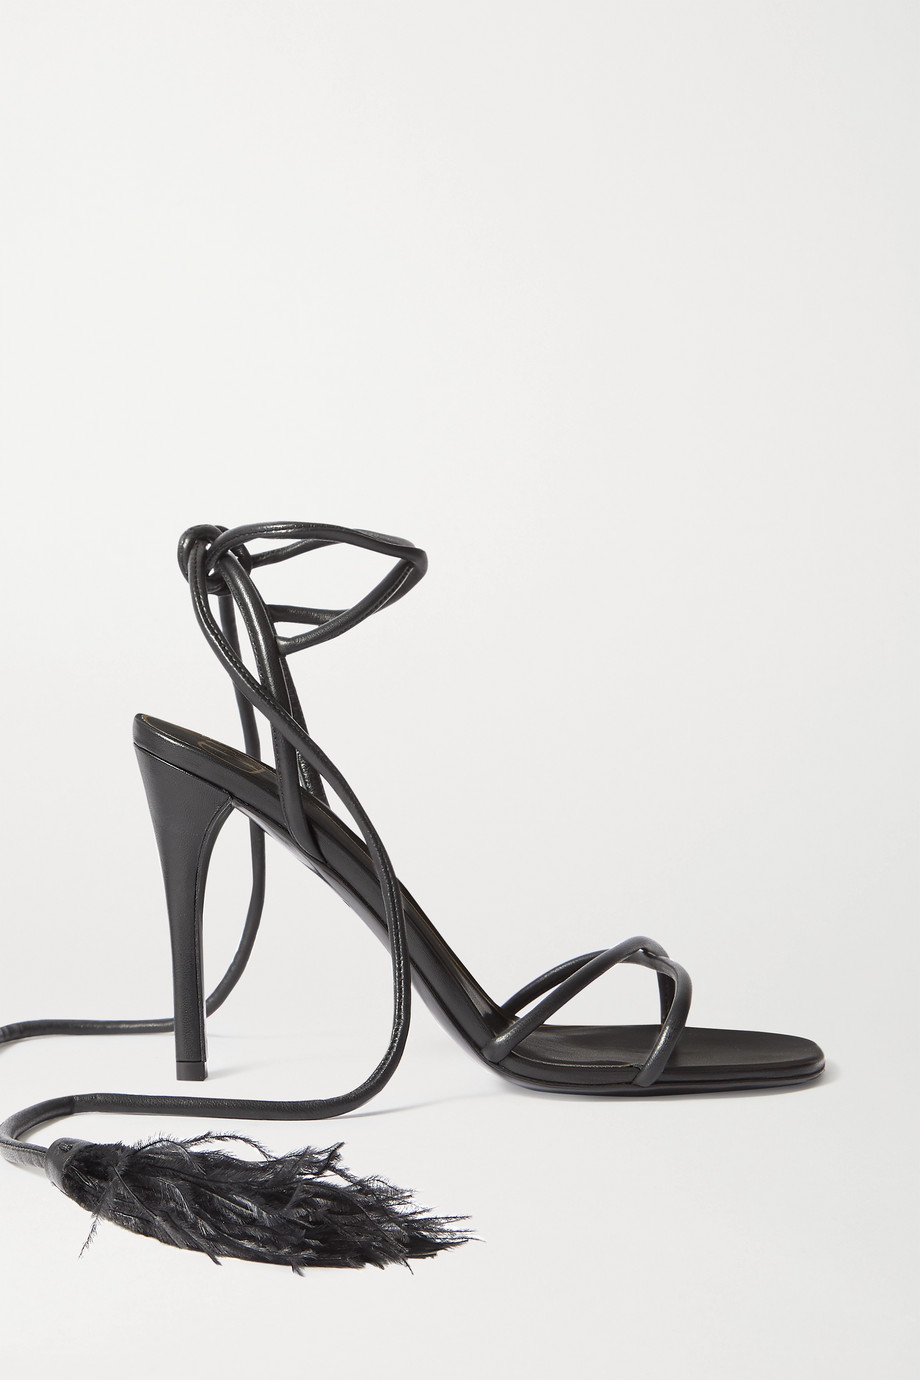 Valentino Valentino Garavani Upflair 100 feather-trimmed leather sandals